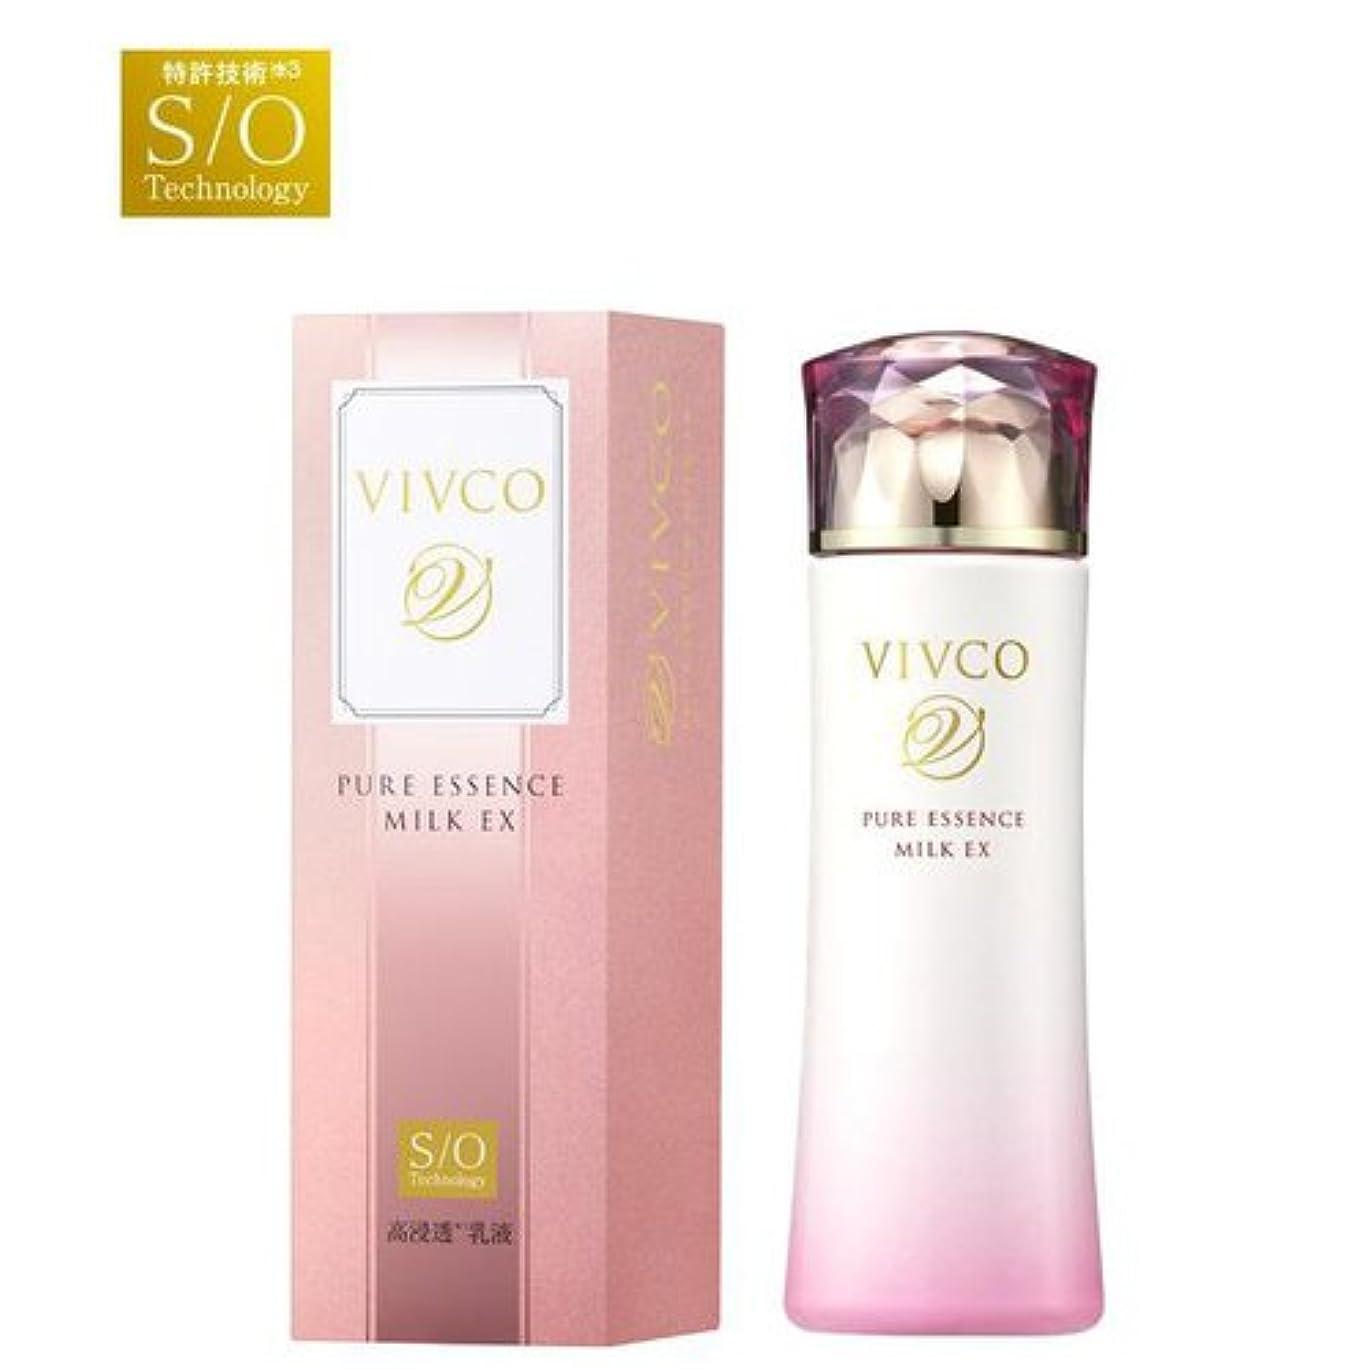 出費晴れ塩VIVCO(ヴィヴコ) ピュアエッセンスミルク EX 120mL